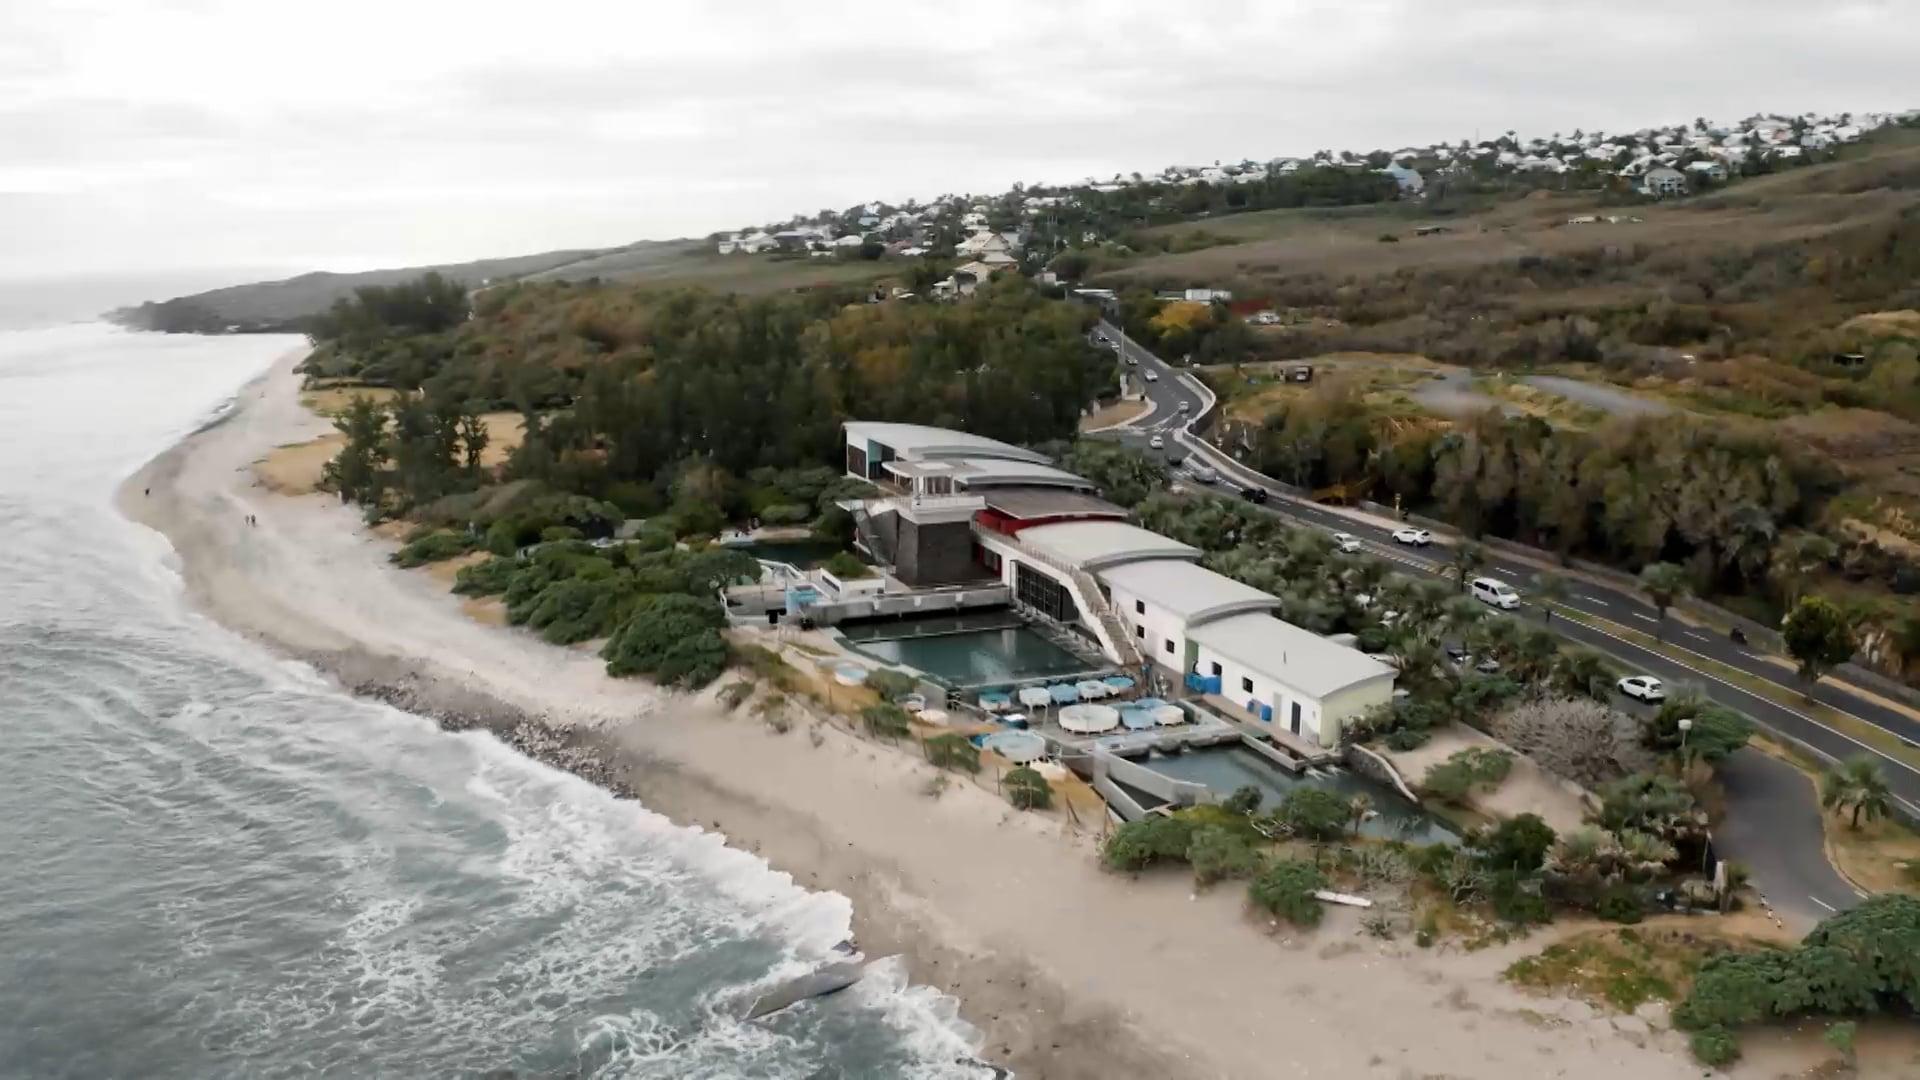 EP4 - MissRéunion 2021 : Sur la route de l'Océan - Antenne Réunion